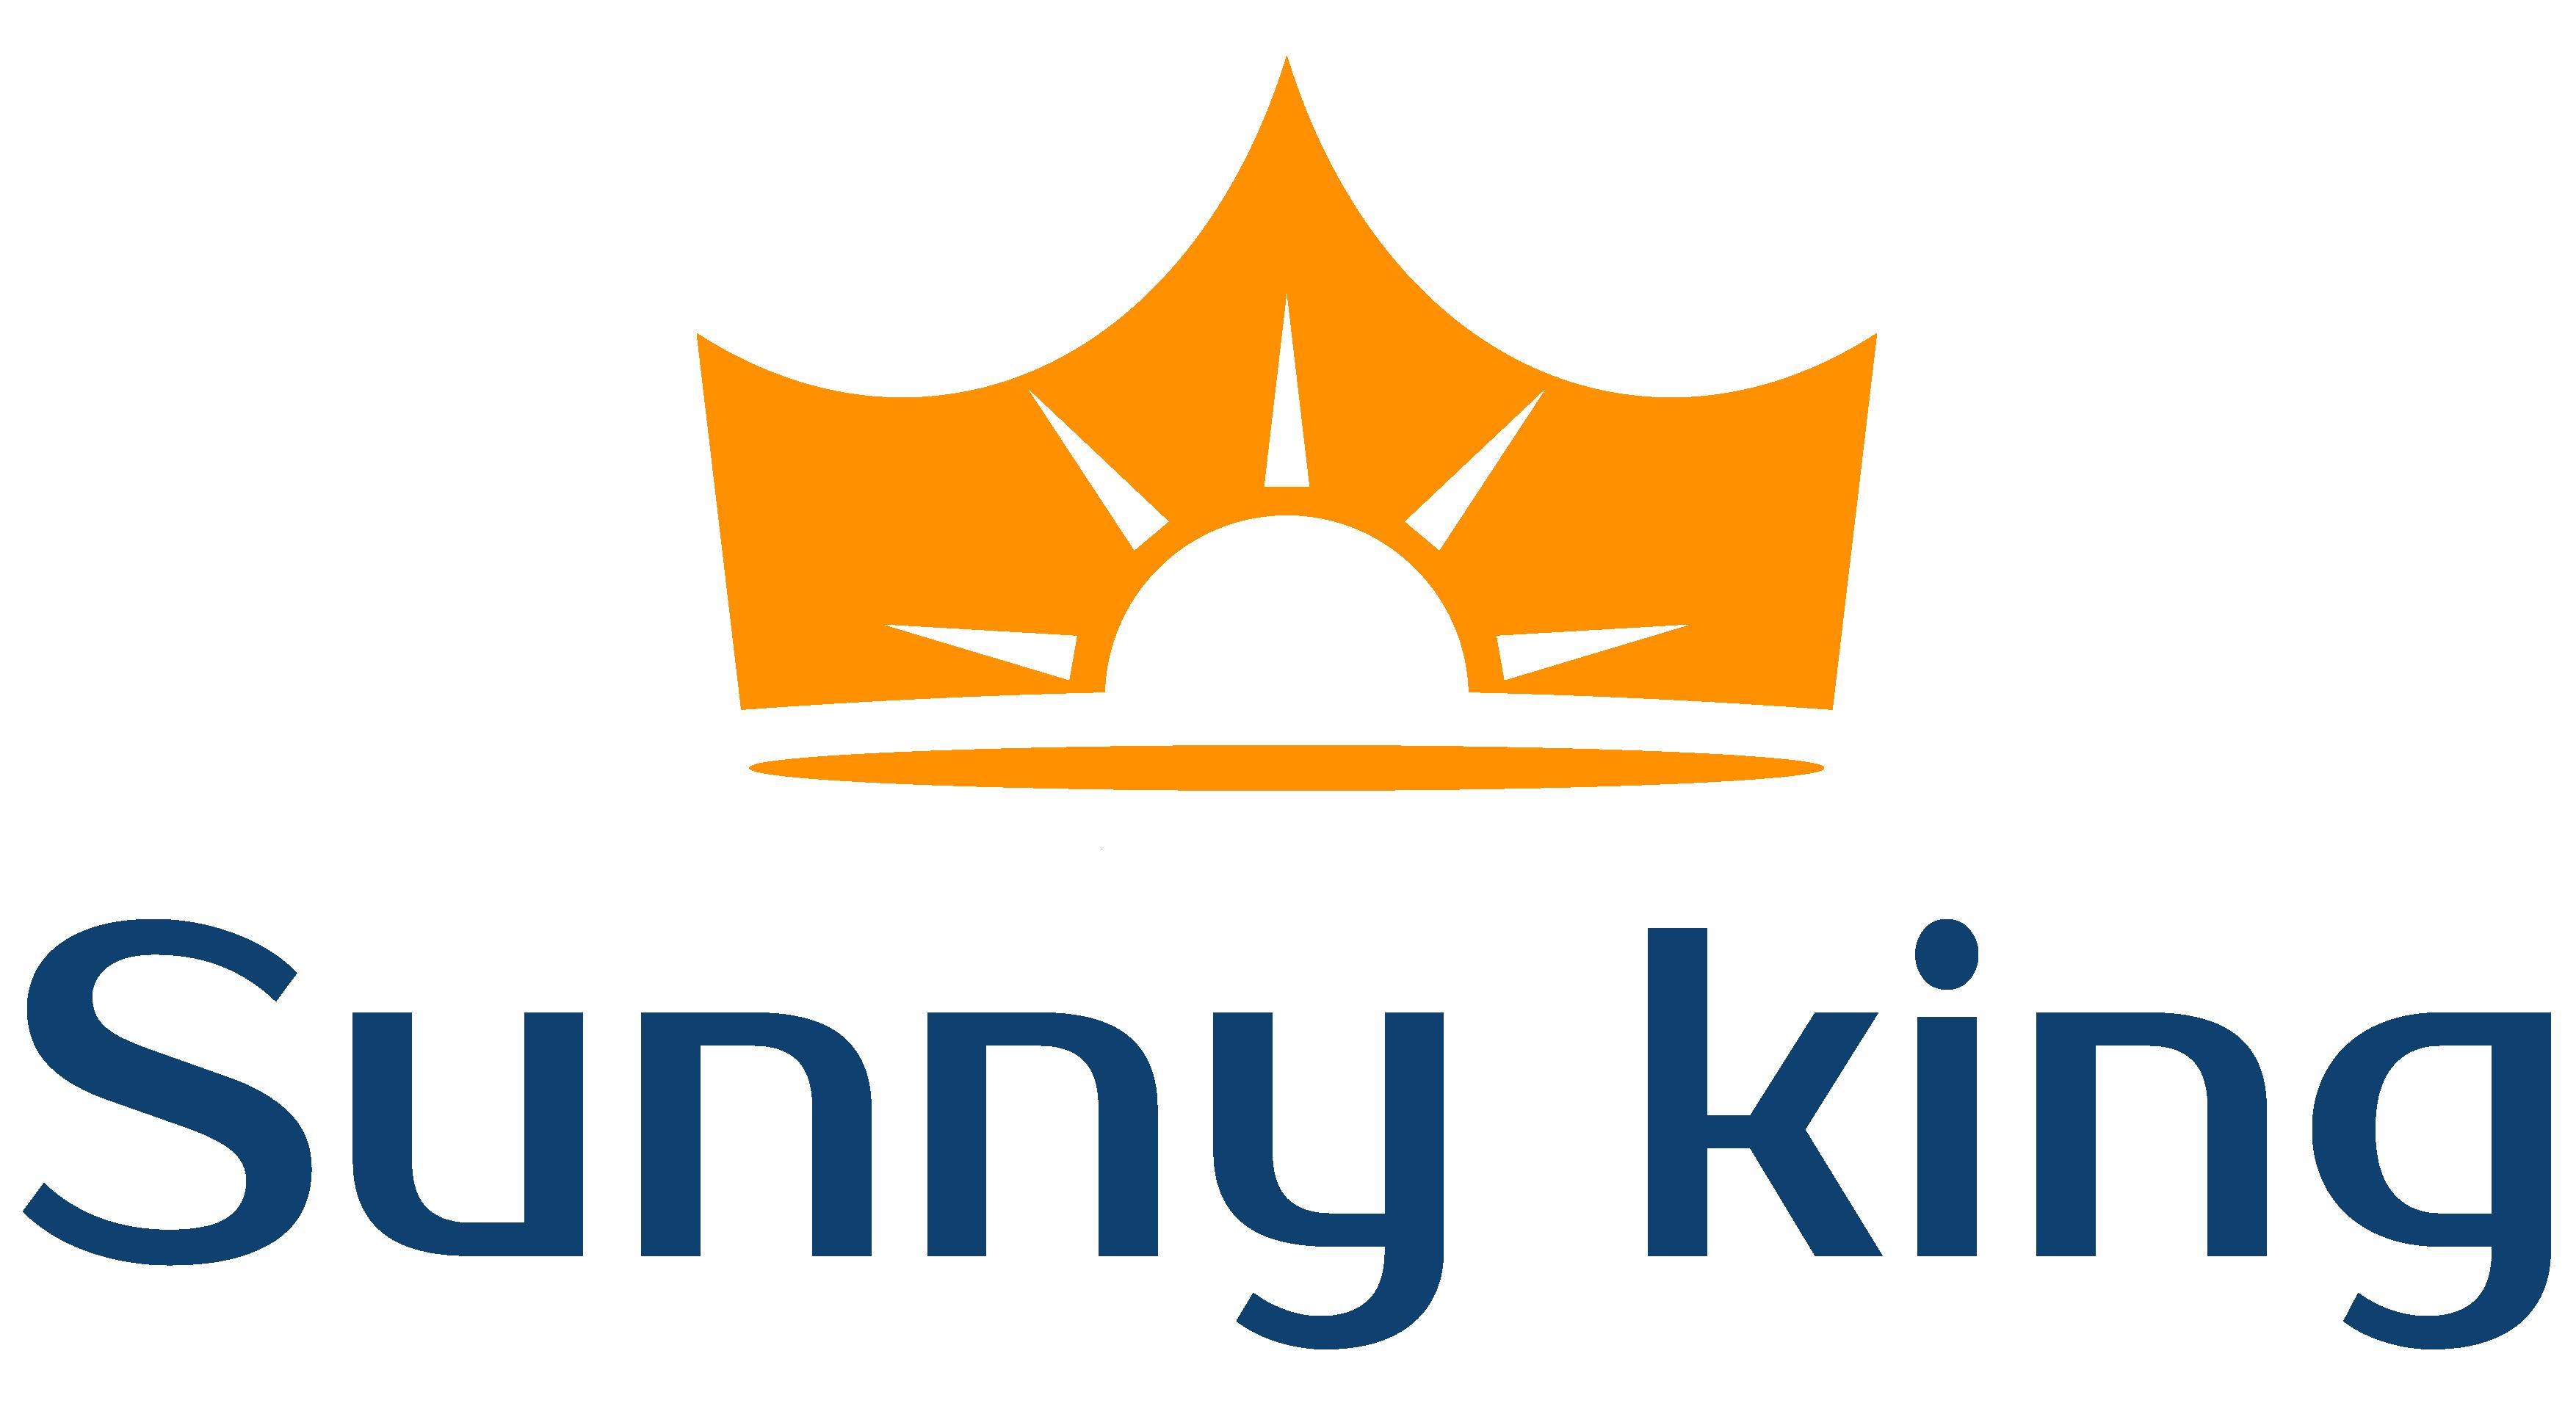 Thiết kế logo Trung Tâm Anh Ngữ - Sáng tạo tạo nên sự khác biệt